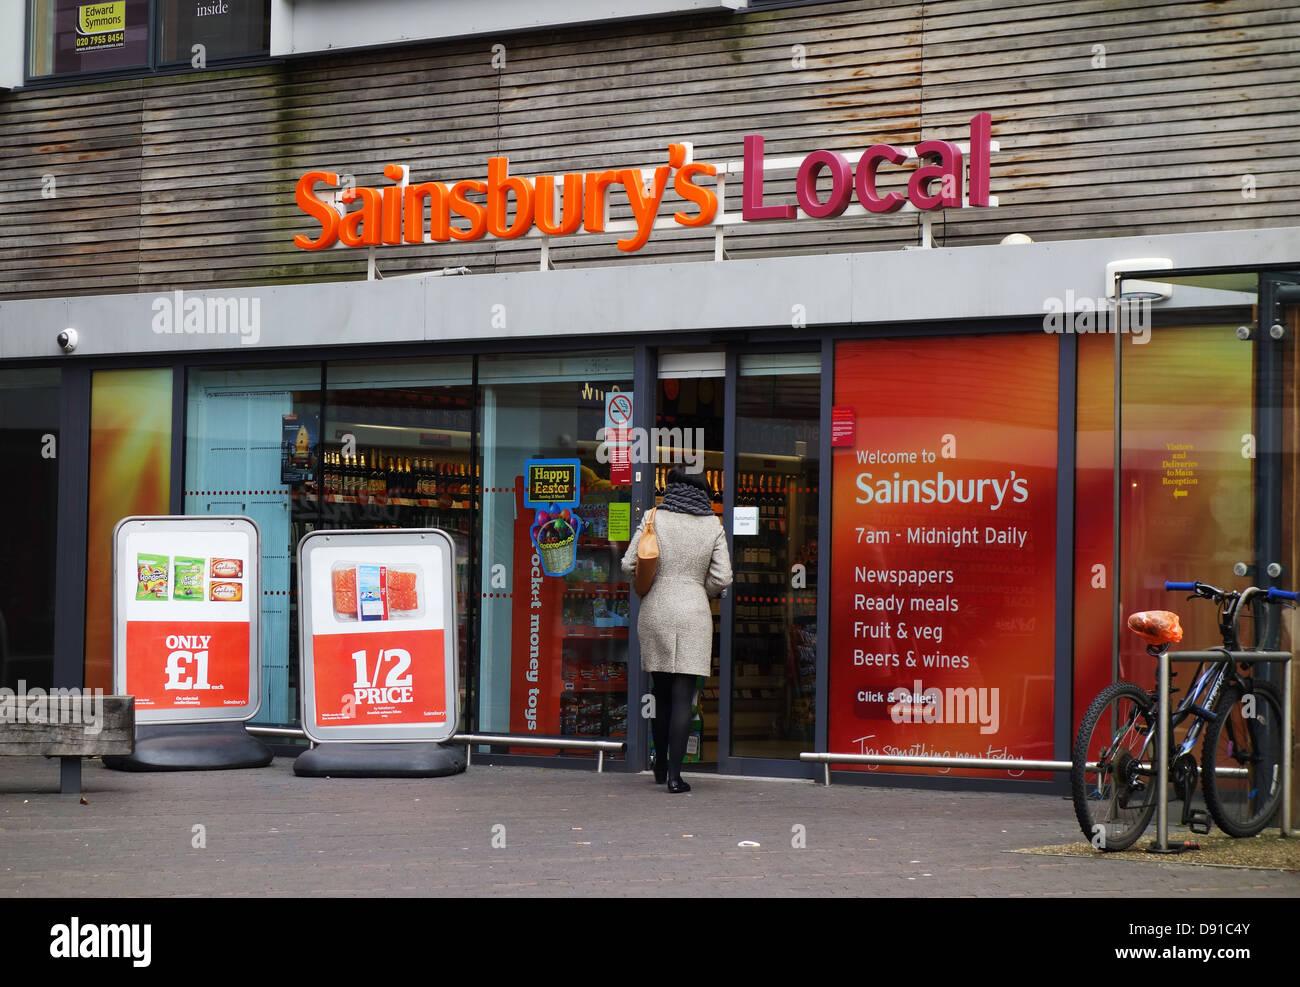 Sainsbury's negozio locale, REGNO UNITO Immagini Stock